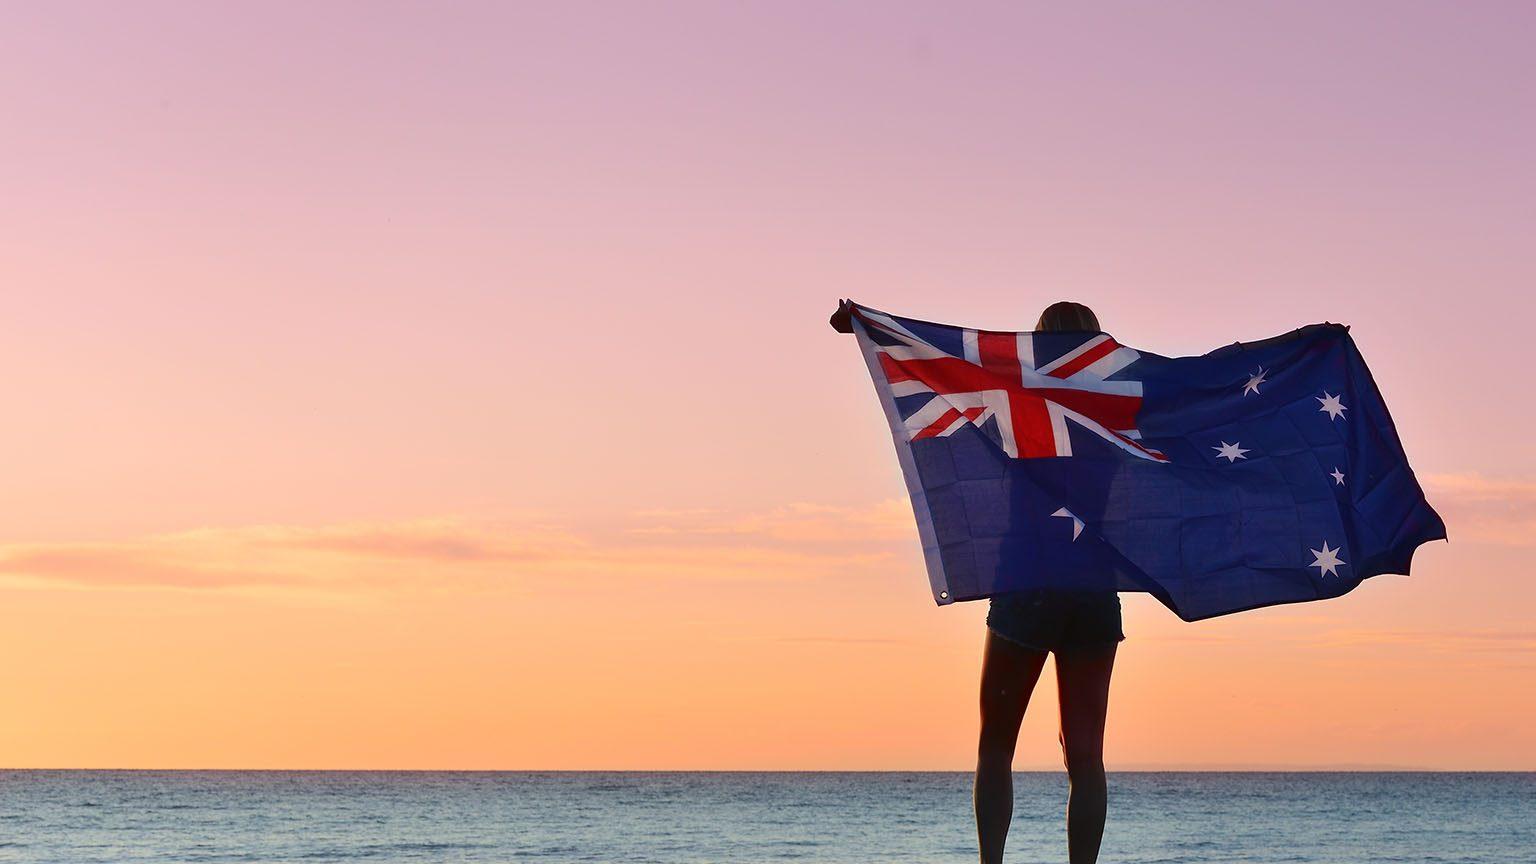 Waving the Australian Flag, evening summer light on a beach.